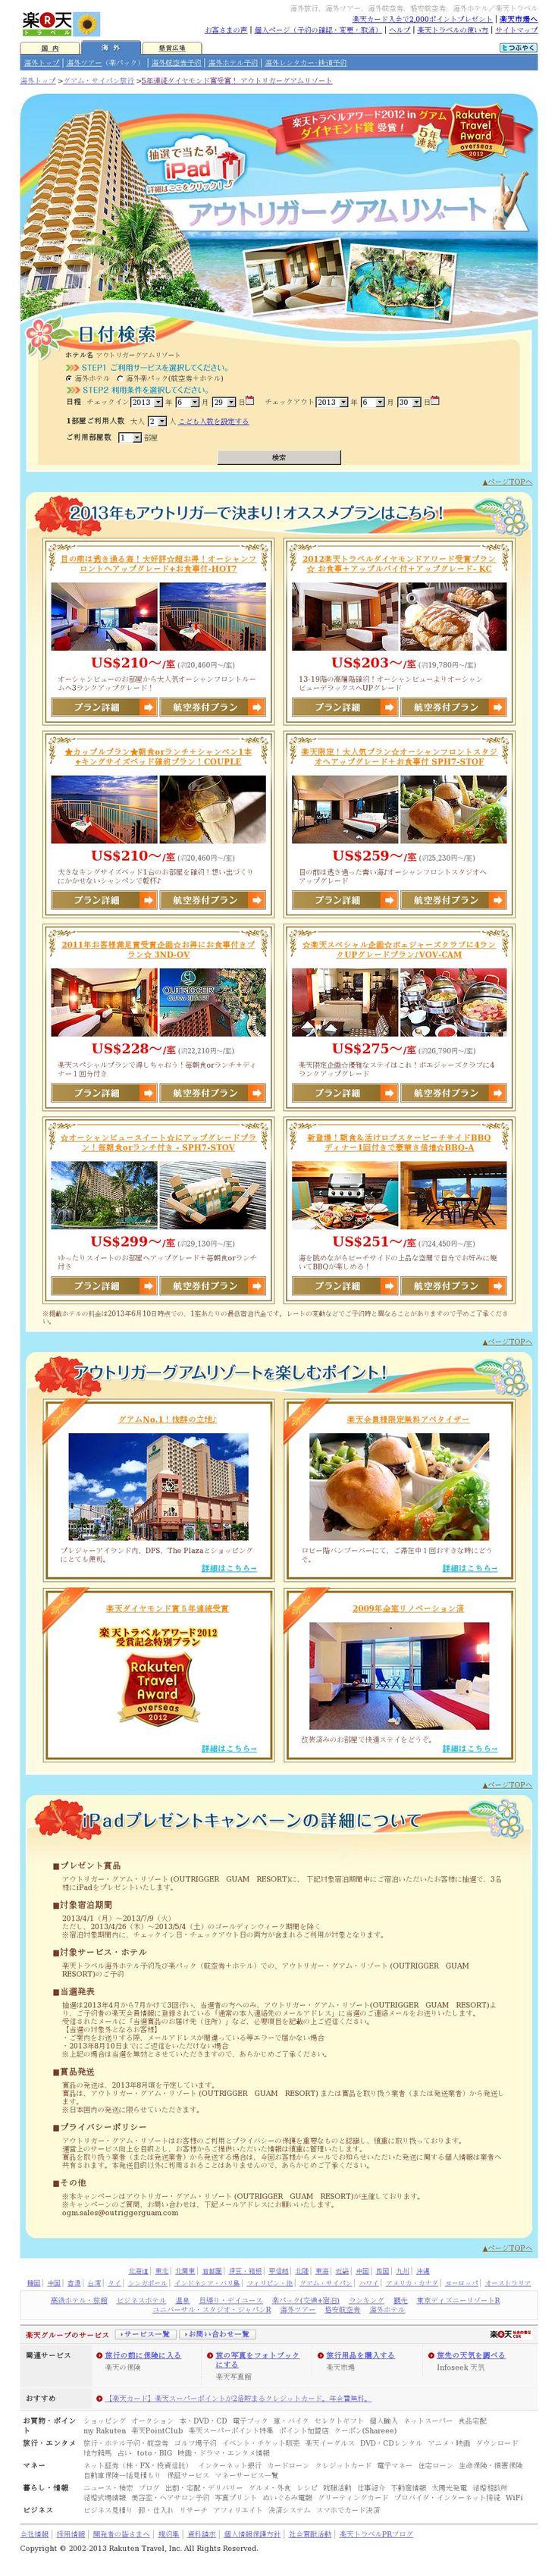 【D/C】【海外】グアム アウトリガーホテル(2013.3)<2013/03/27>